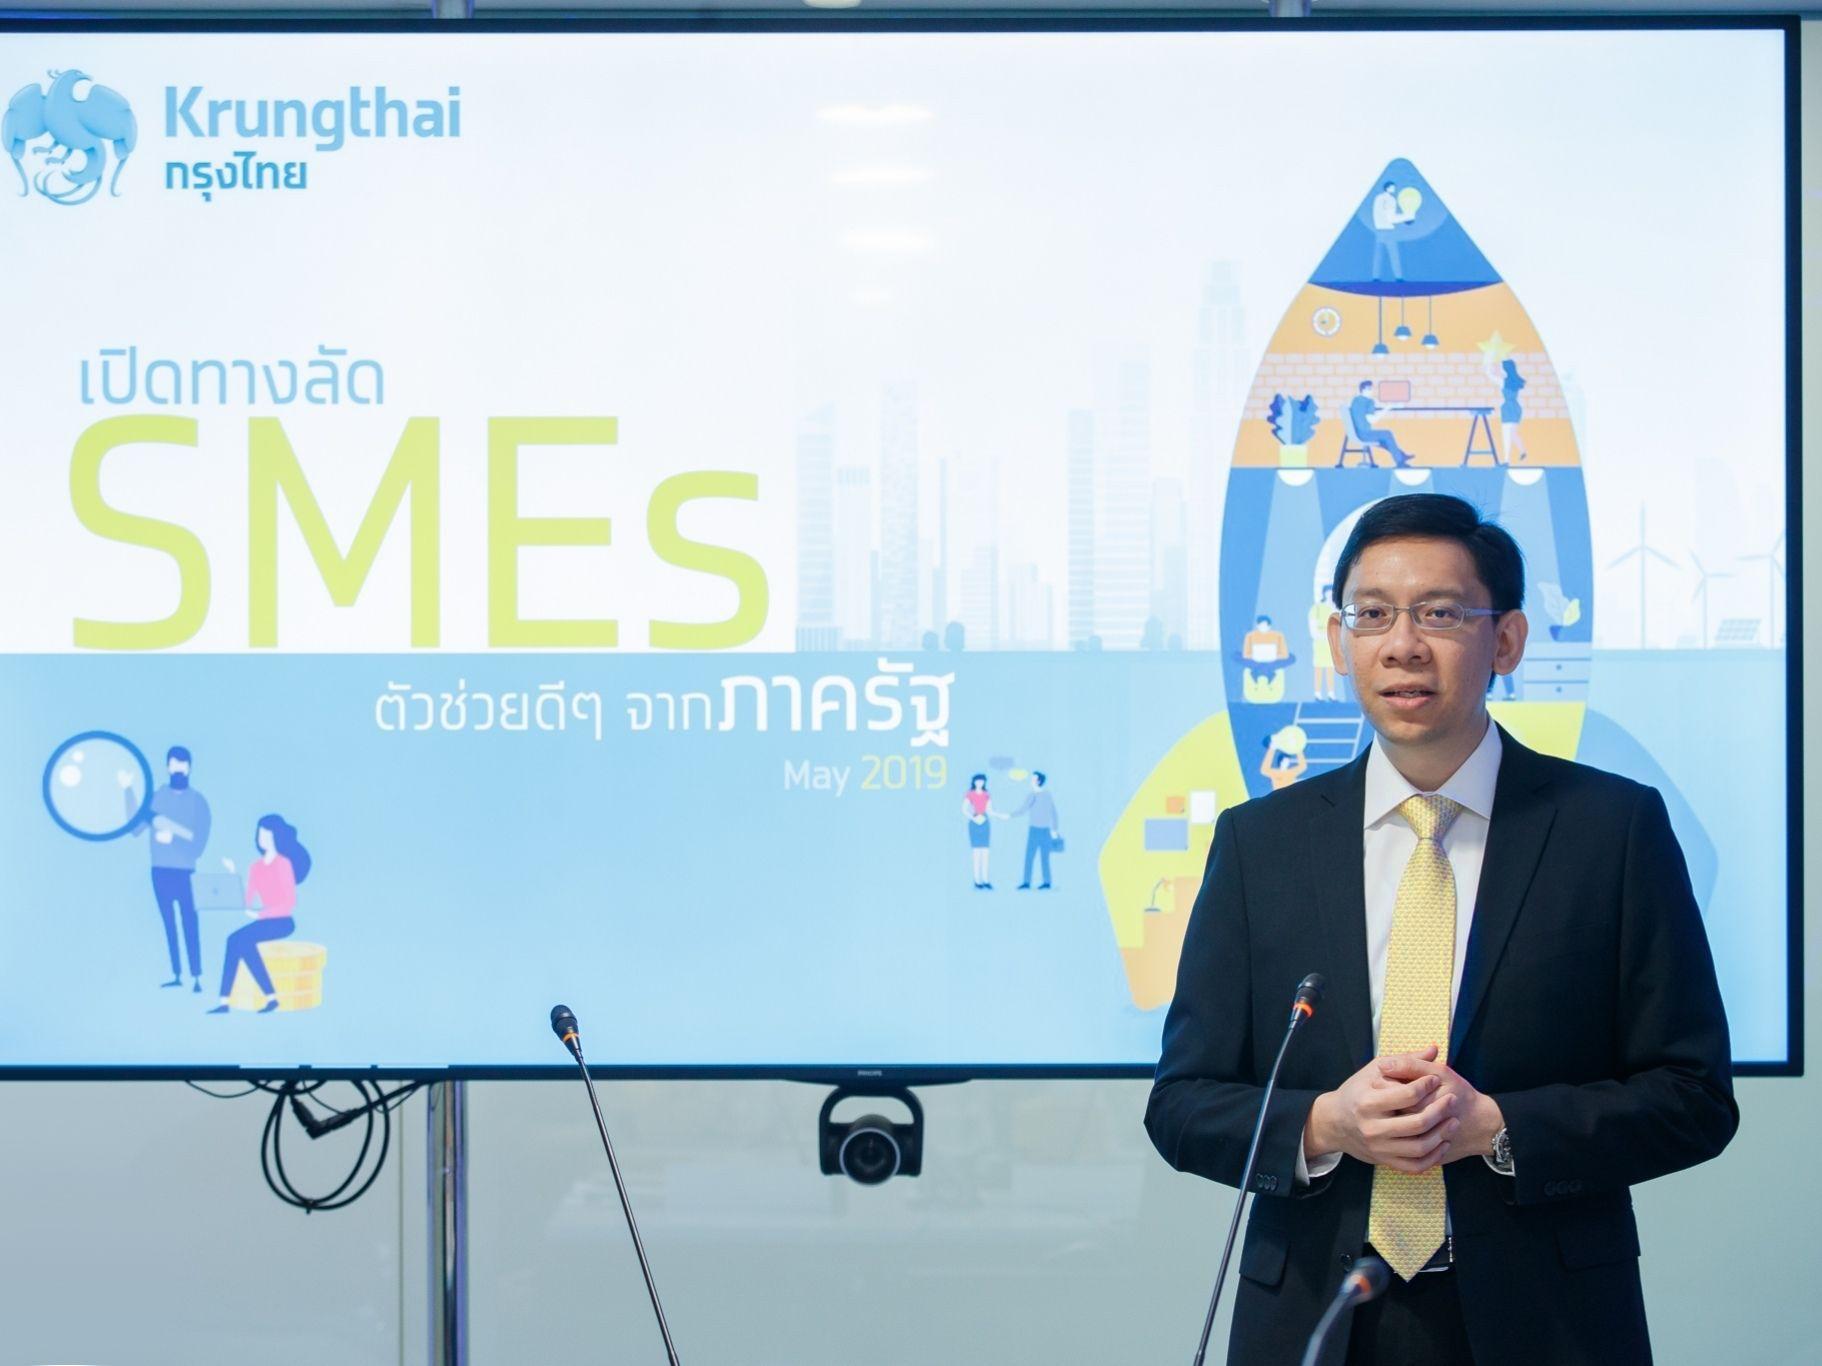 กรุงไทยแนะทางลัดทางรอด SMEs ด้วยหลากหลายตัวช่วยจากภาครัฐ